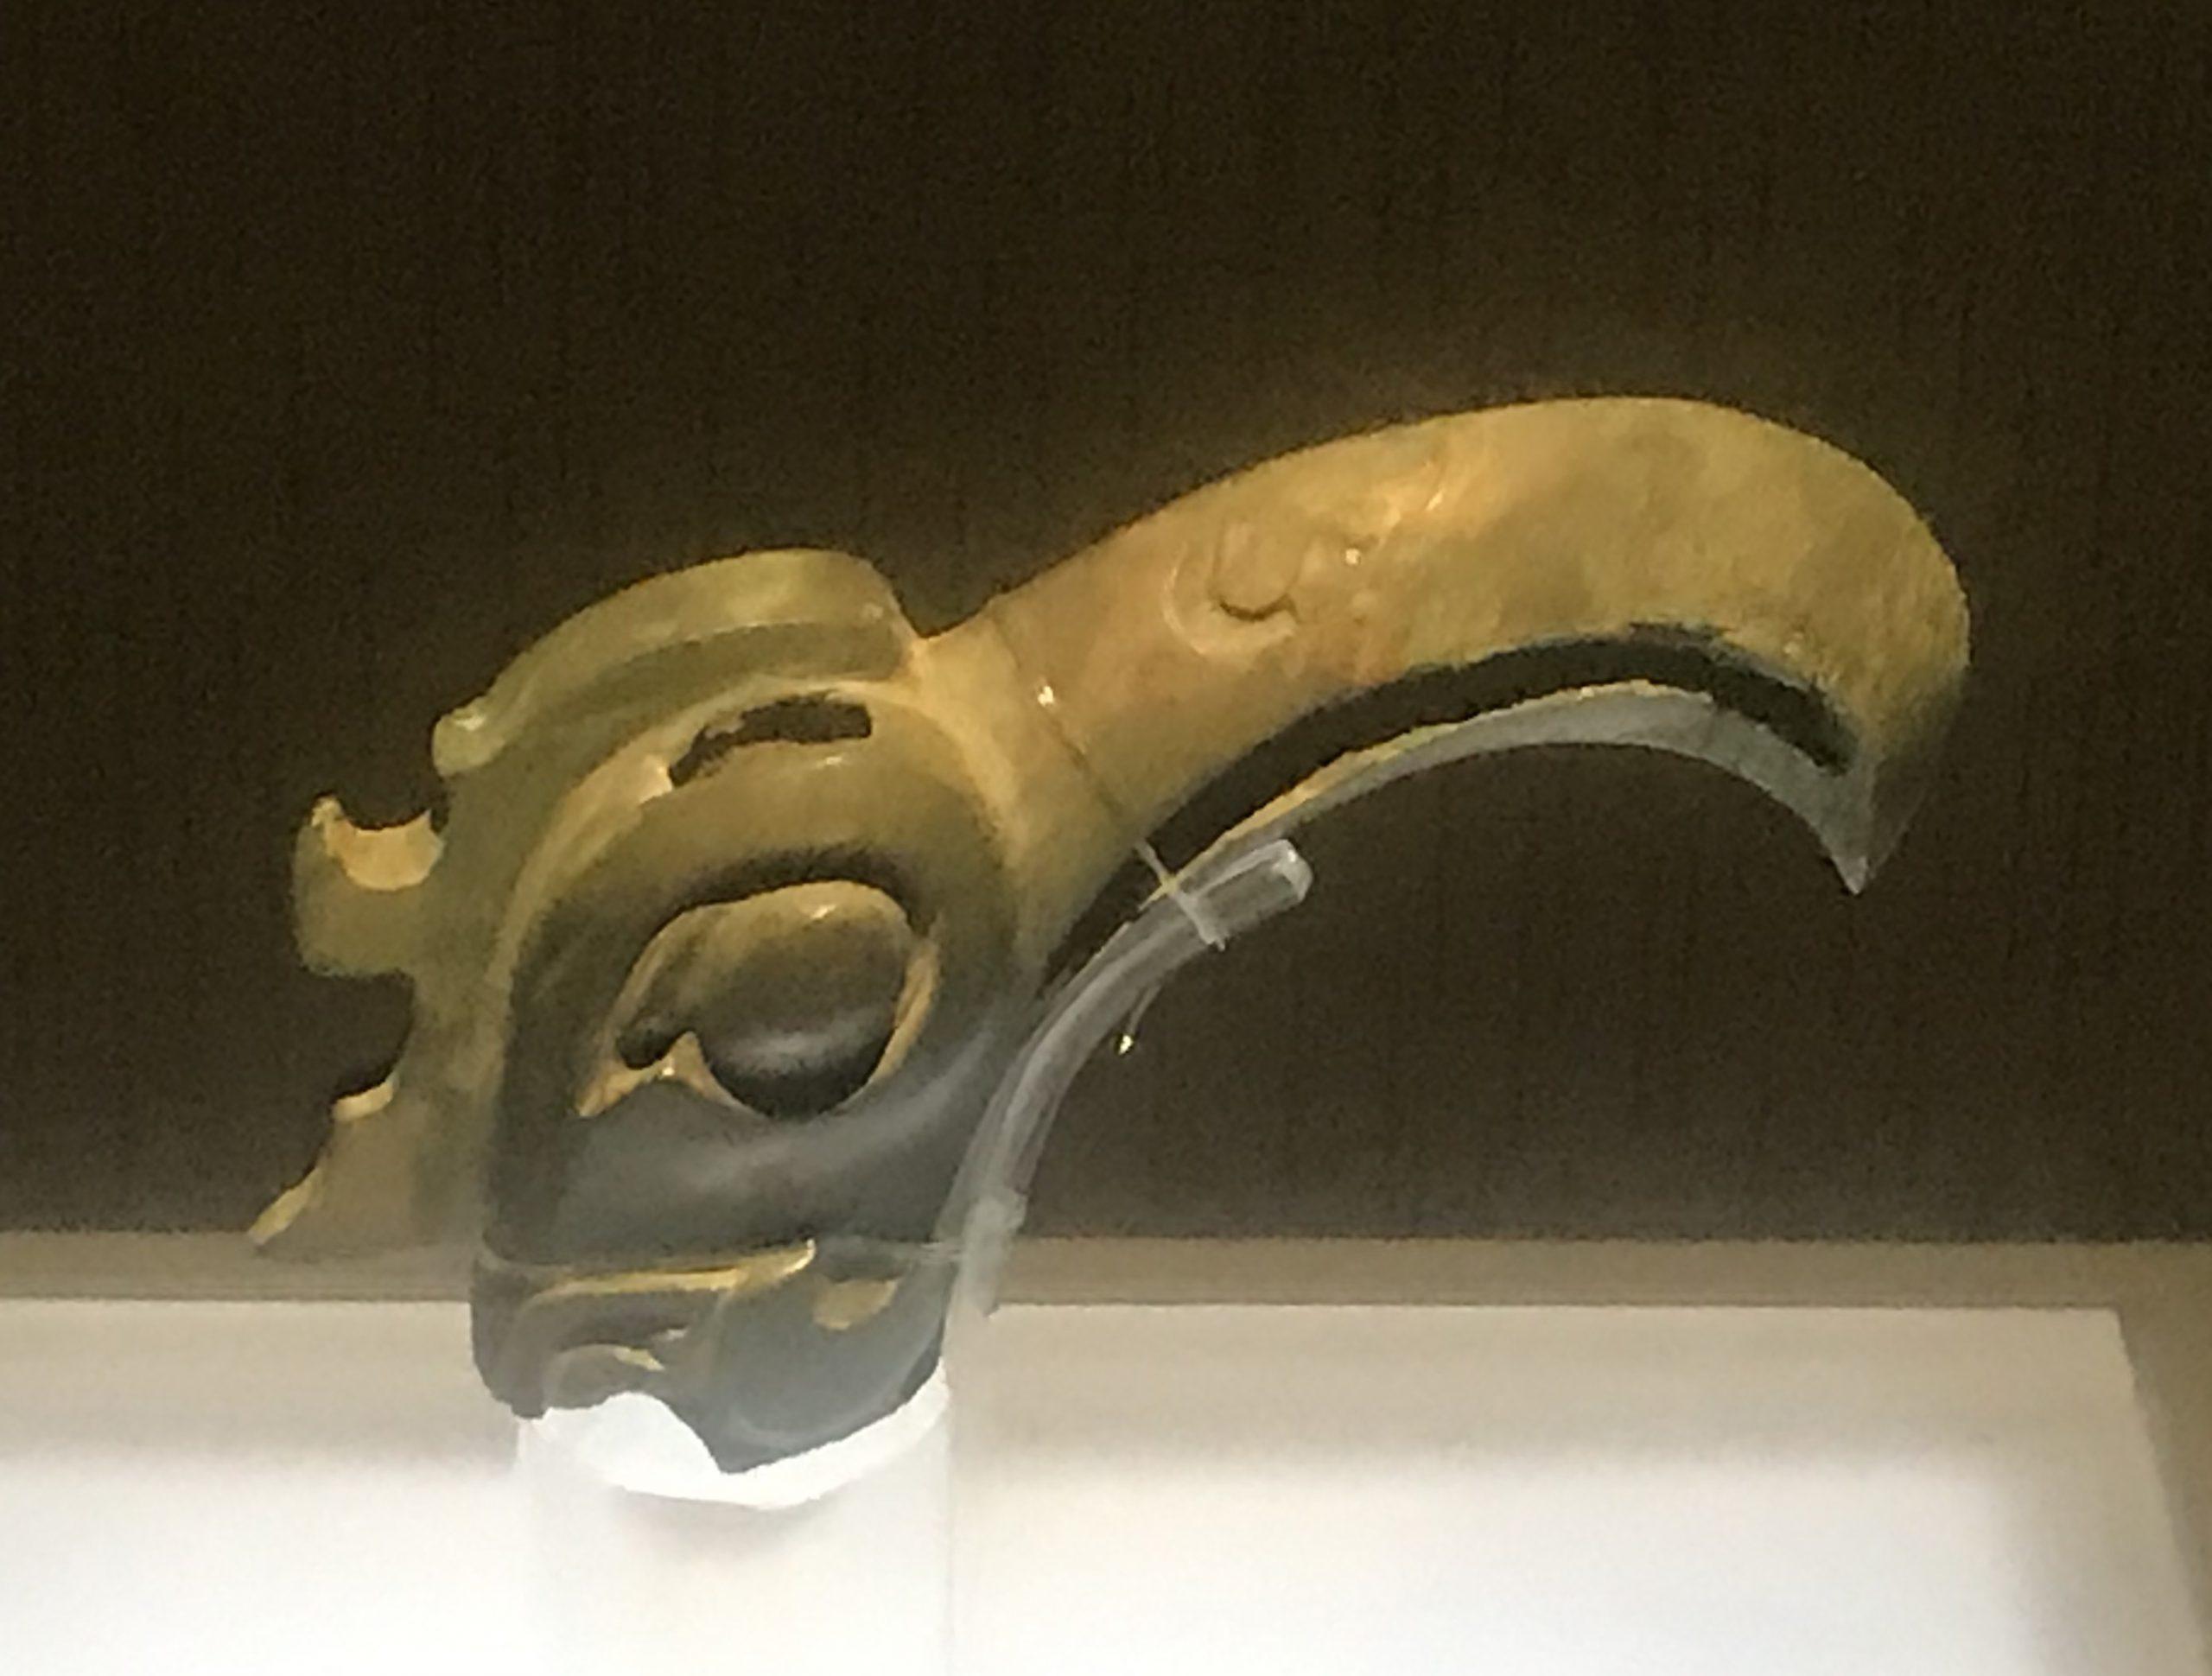 青銅鳥頭-青銅器館-三星堆博物館-広漢市-徳陽市-四川省